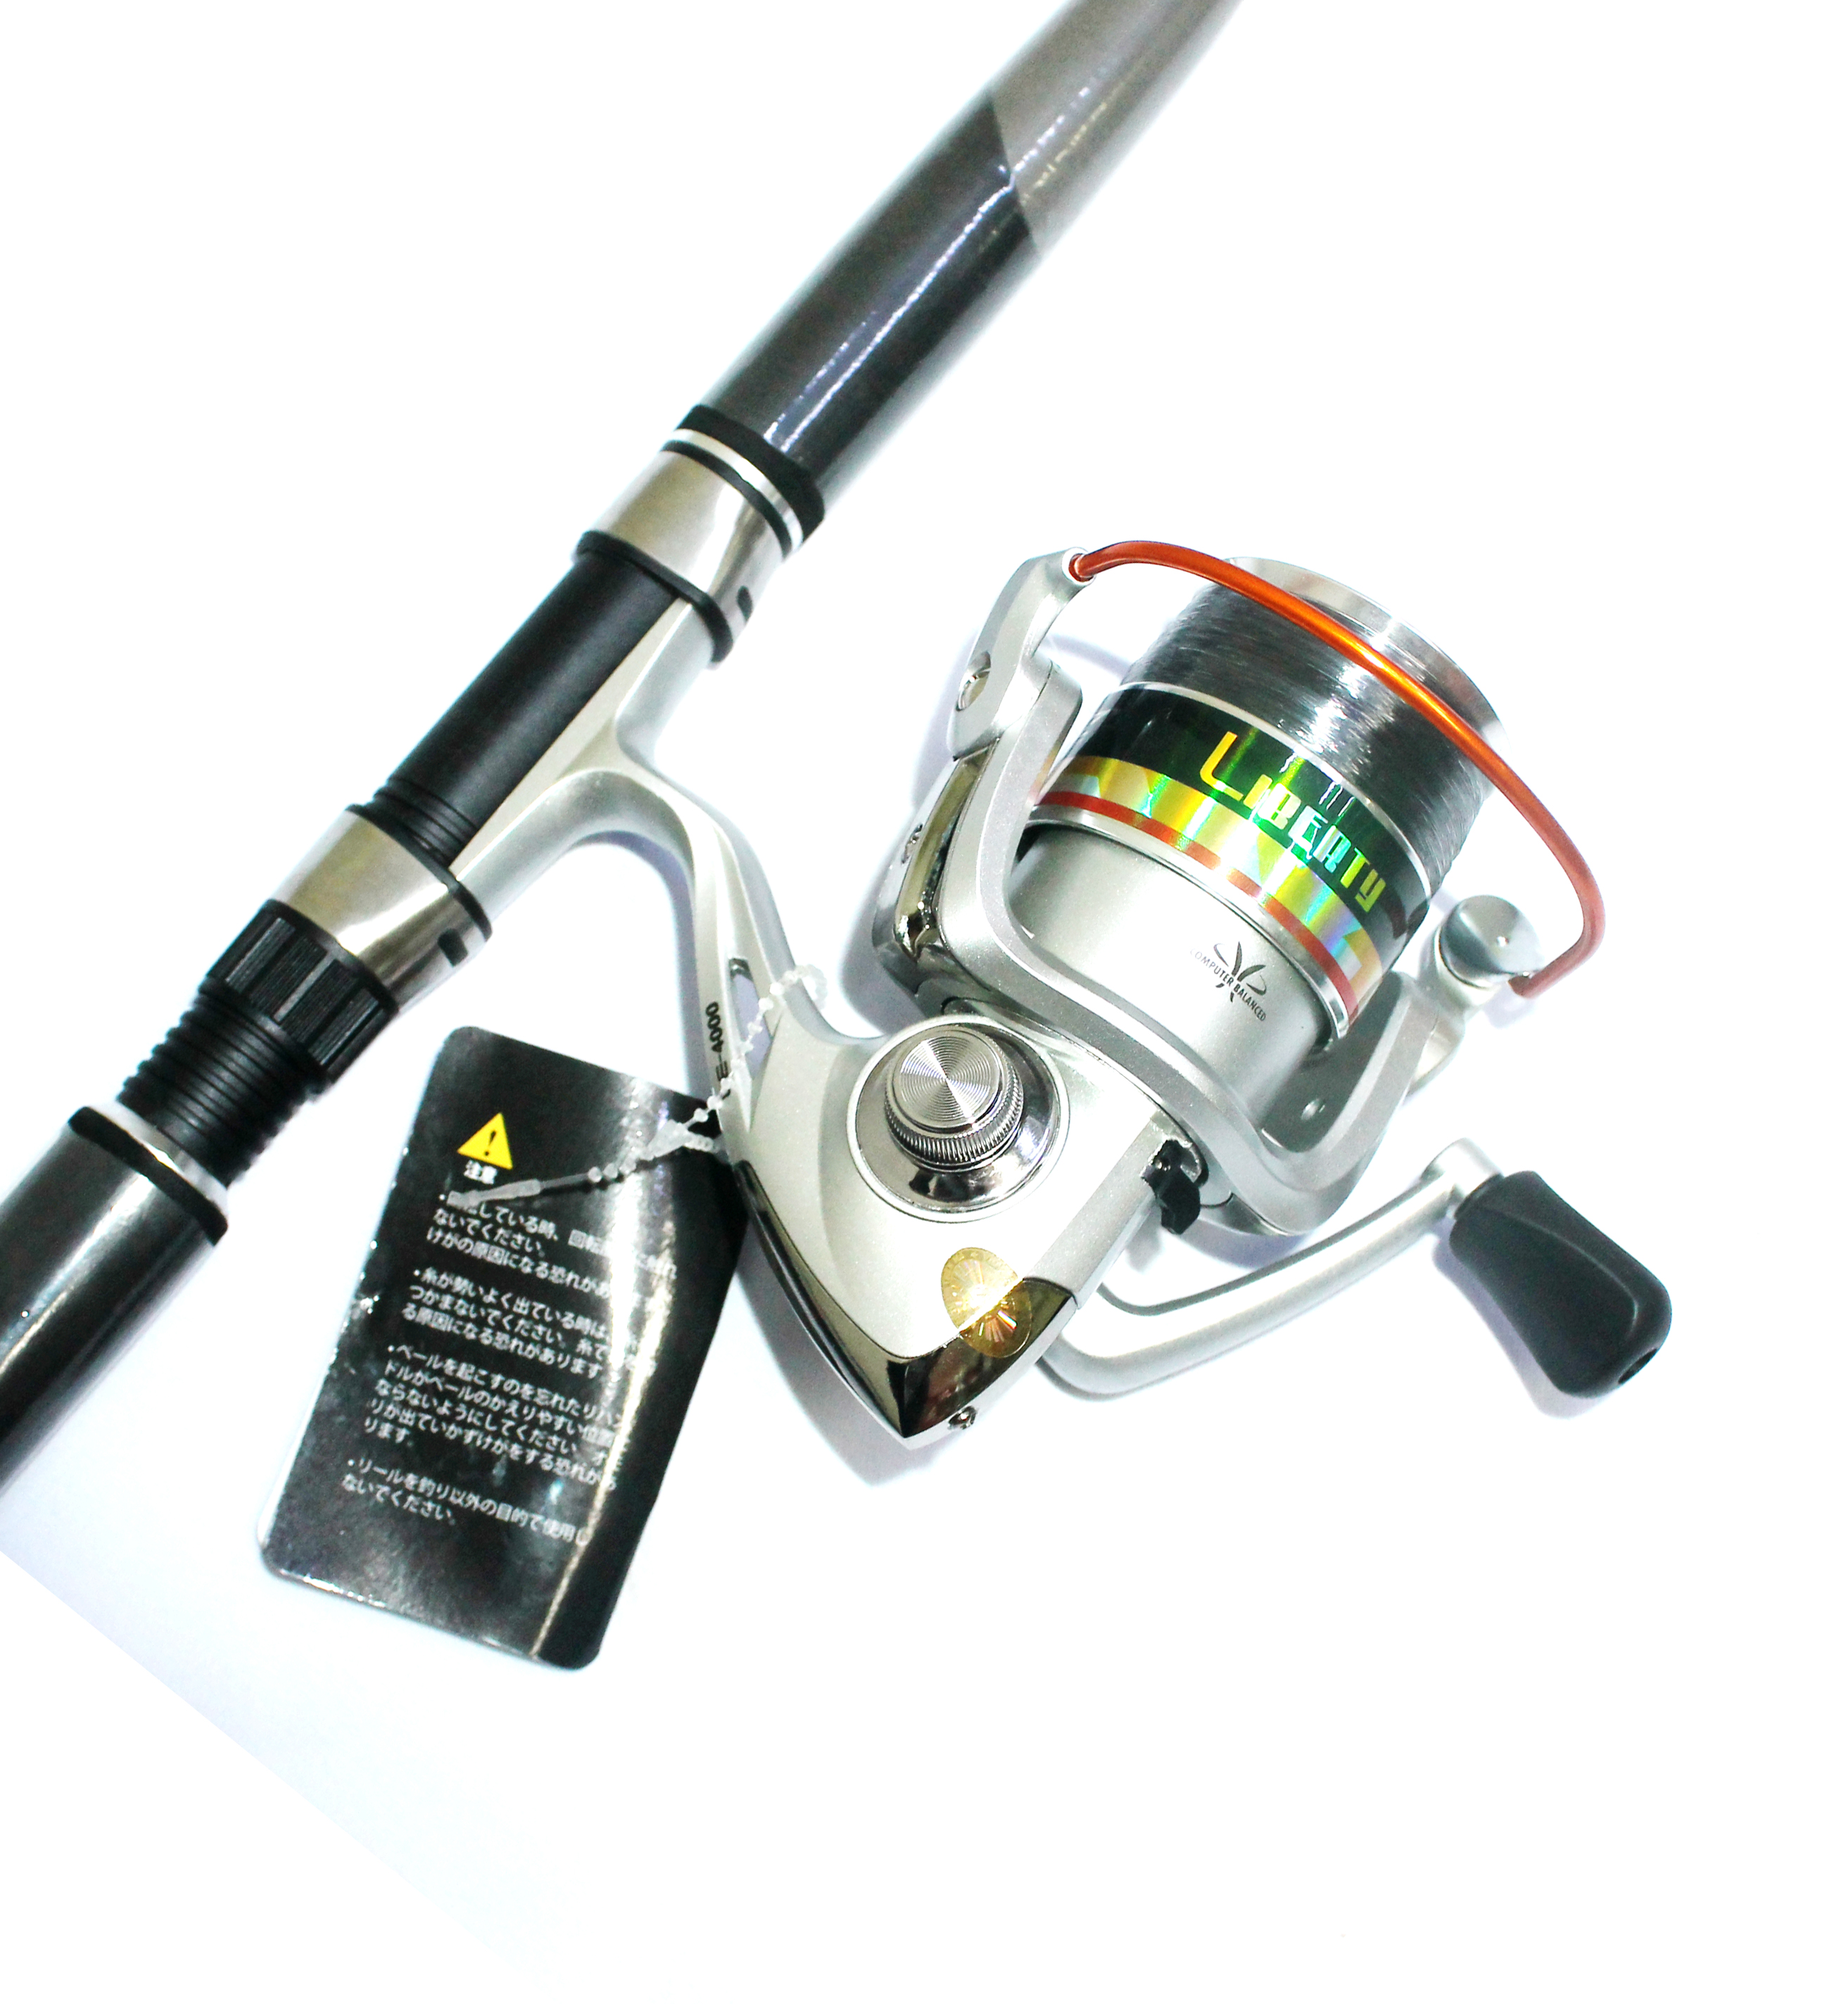 Bộ CầnCâu Cá Venom 2m1  và Máy Câu Cá LE4000  - CBN91